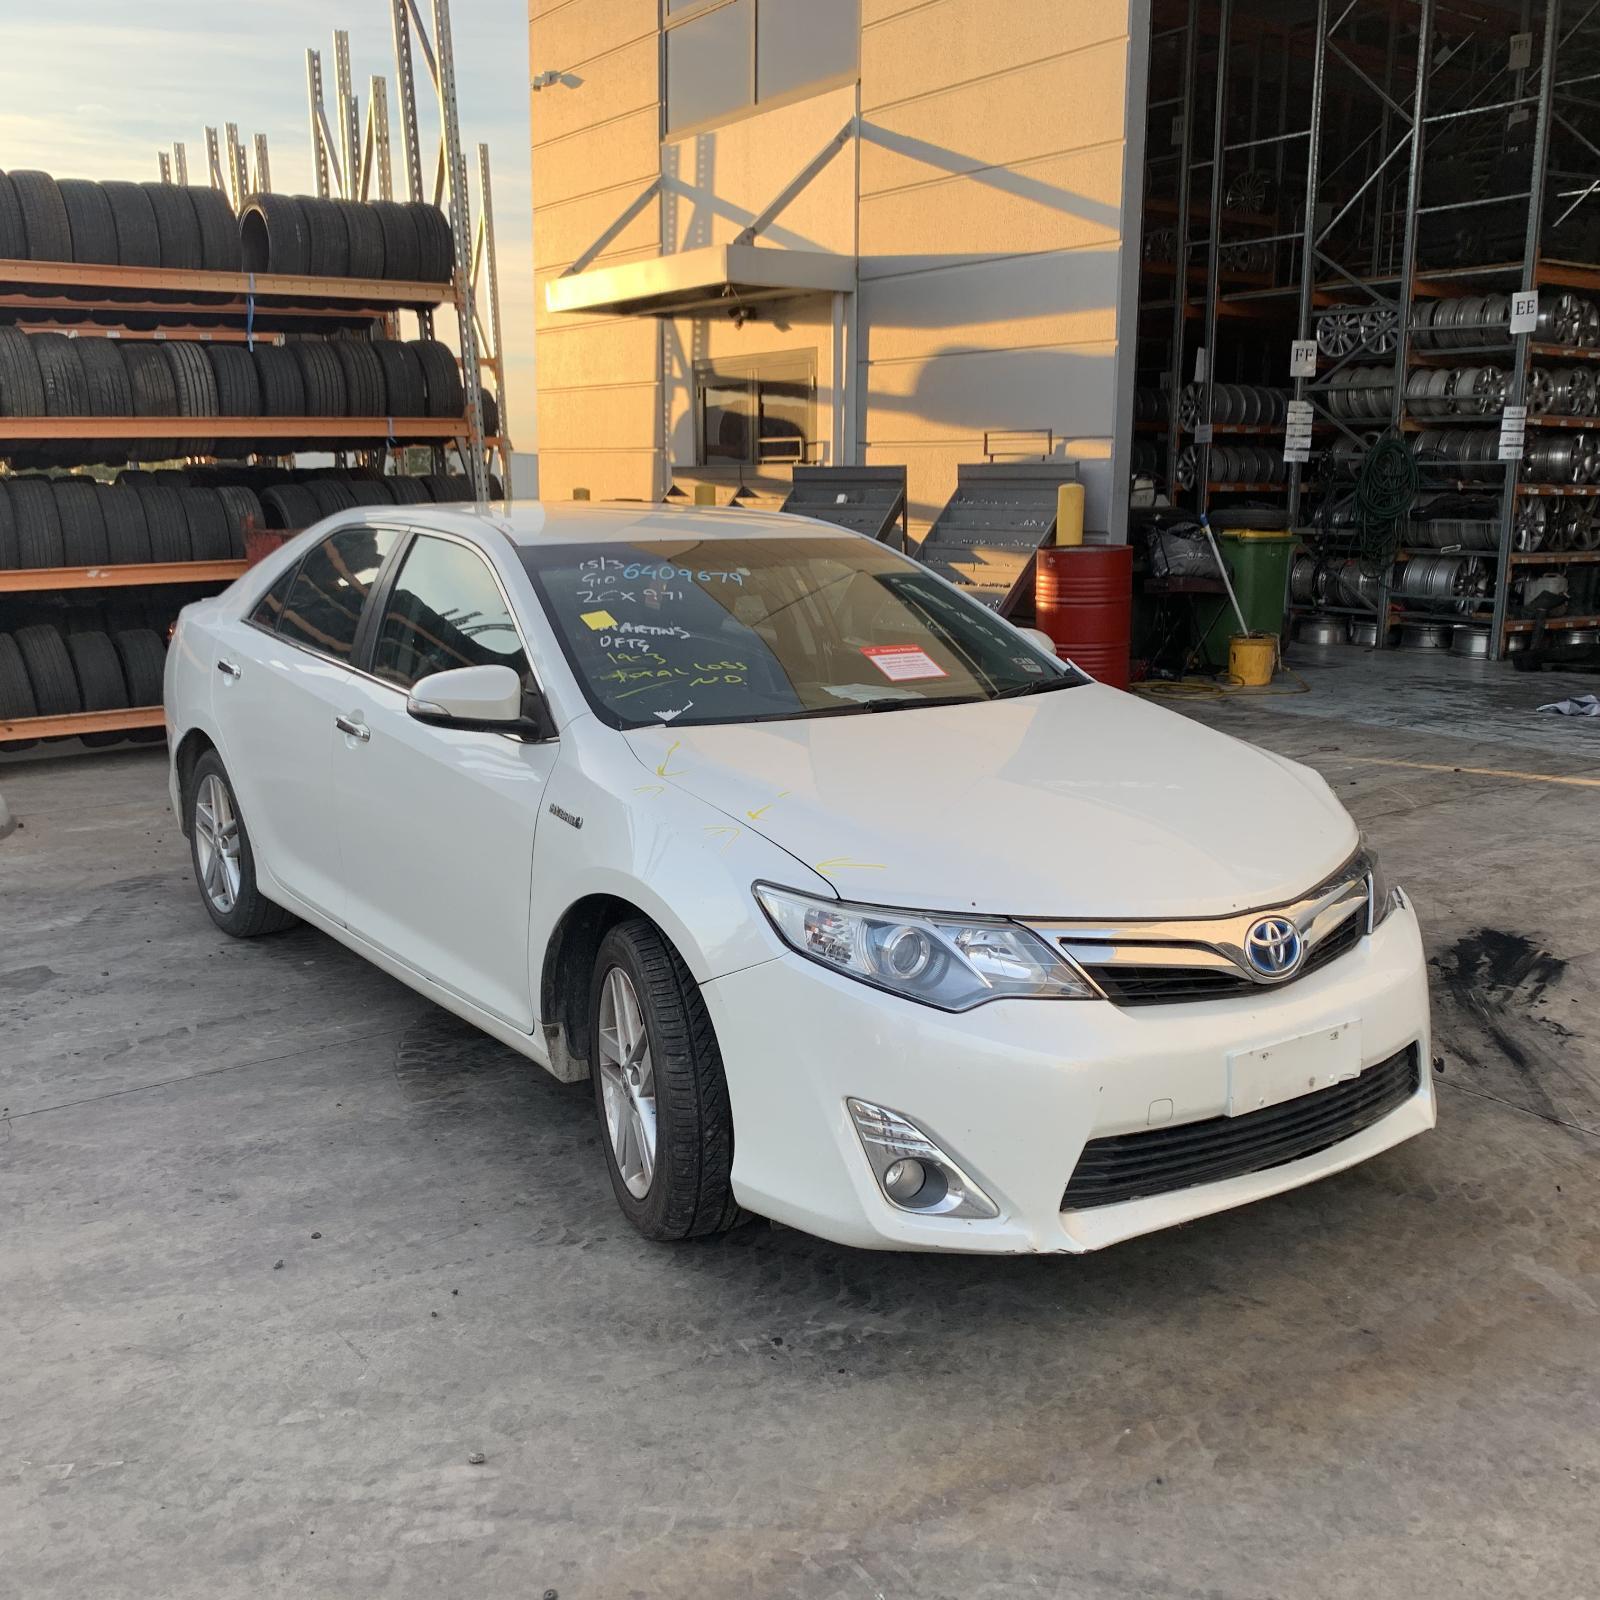 Toyota CAMRY HYBRID HL 2AR-FE 2.5L ENGINE AUTOMATIC FWD TRANSMISSION 12/11 - 05/15